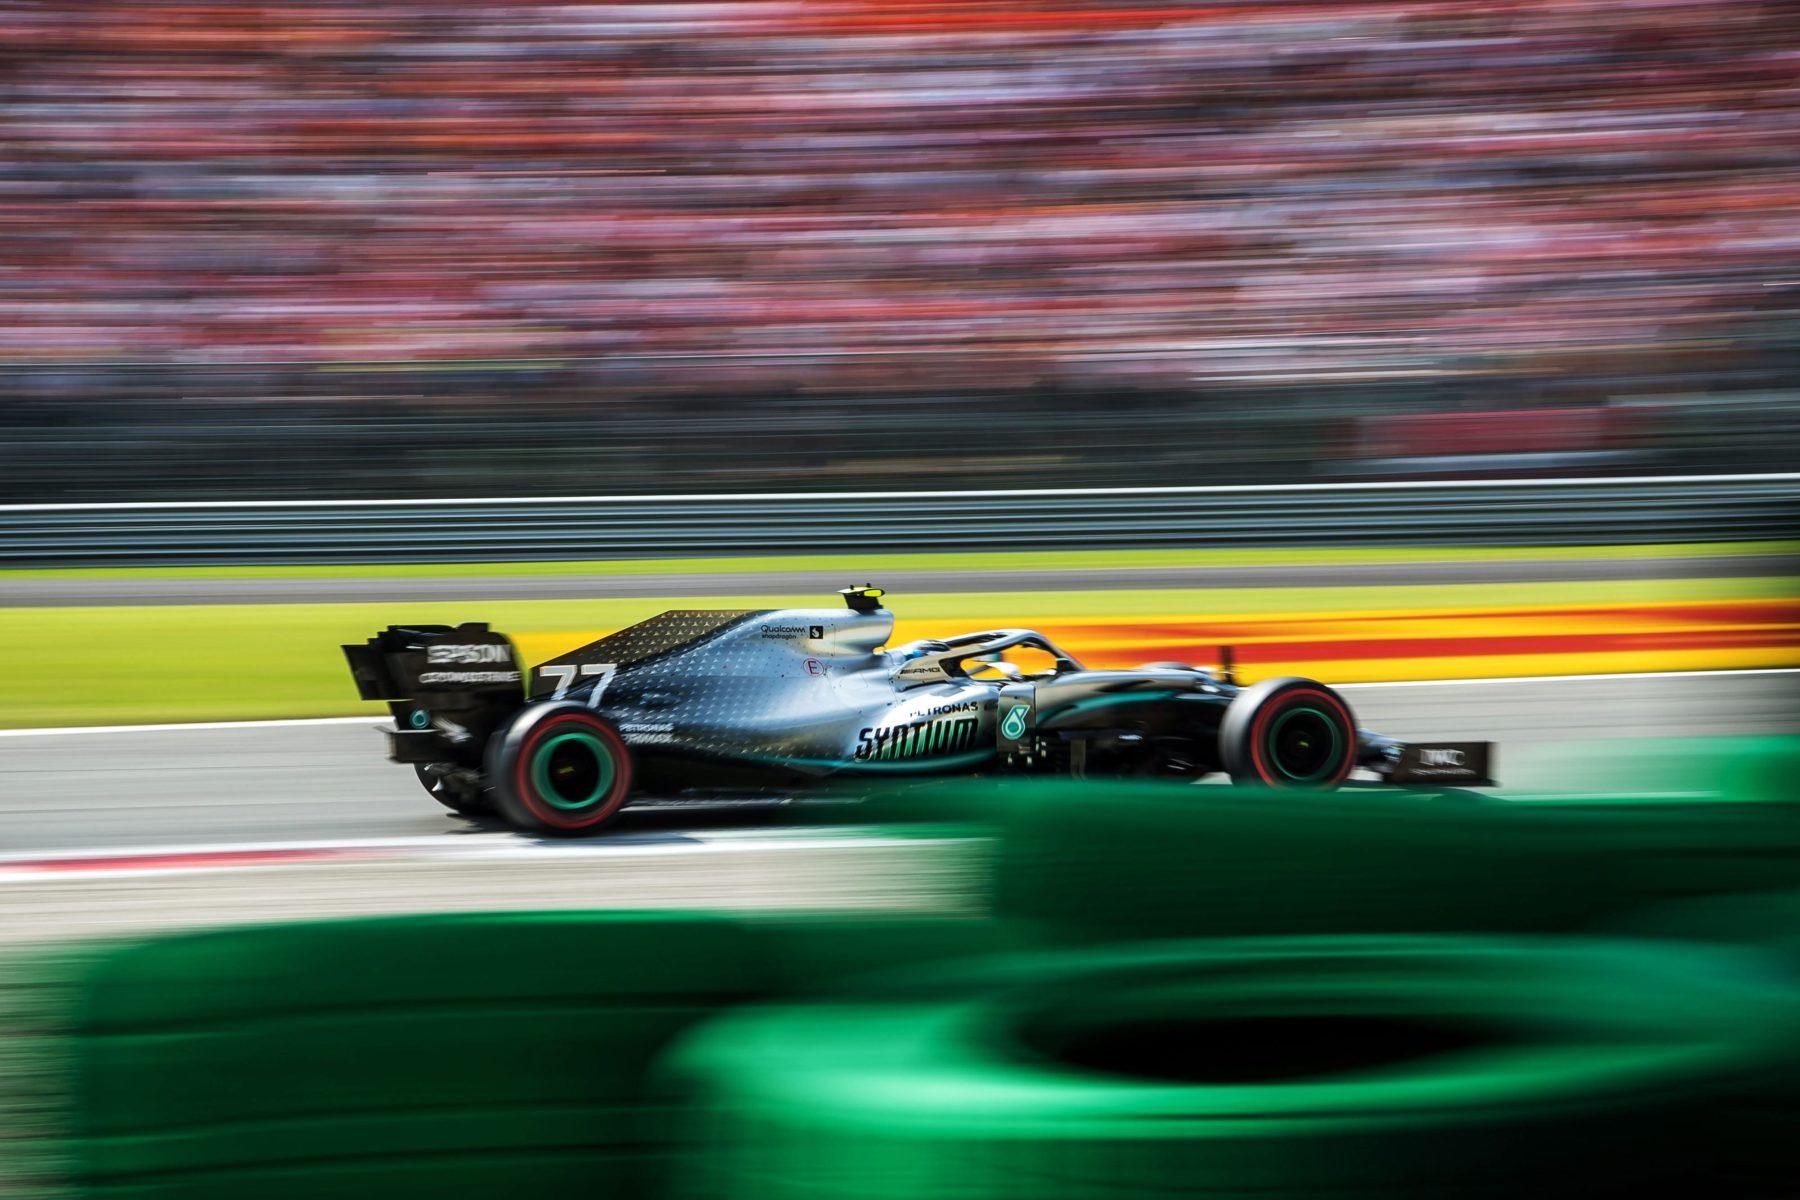 Valtteri Bottas ajoi Monzan radalla 7. syyskuuta 2019. Rataa pidetään yhtenä maailman vaikeimmista.